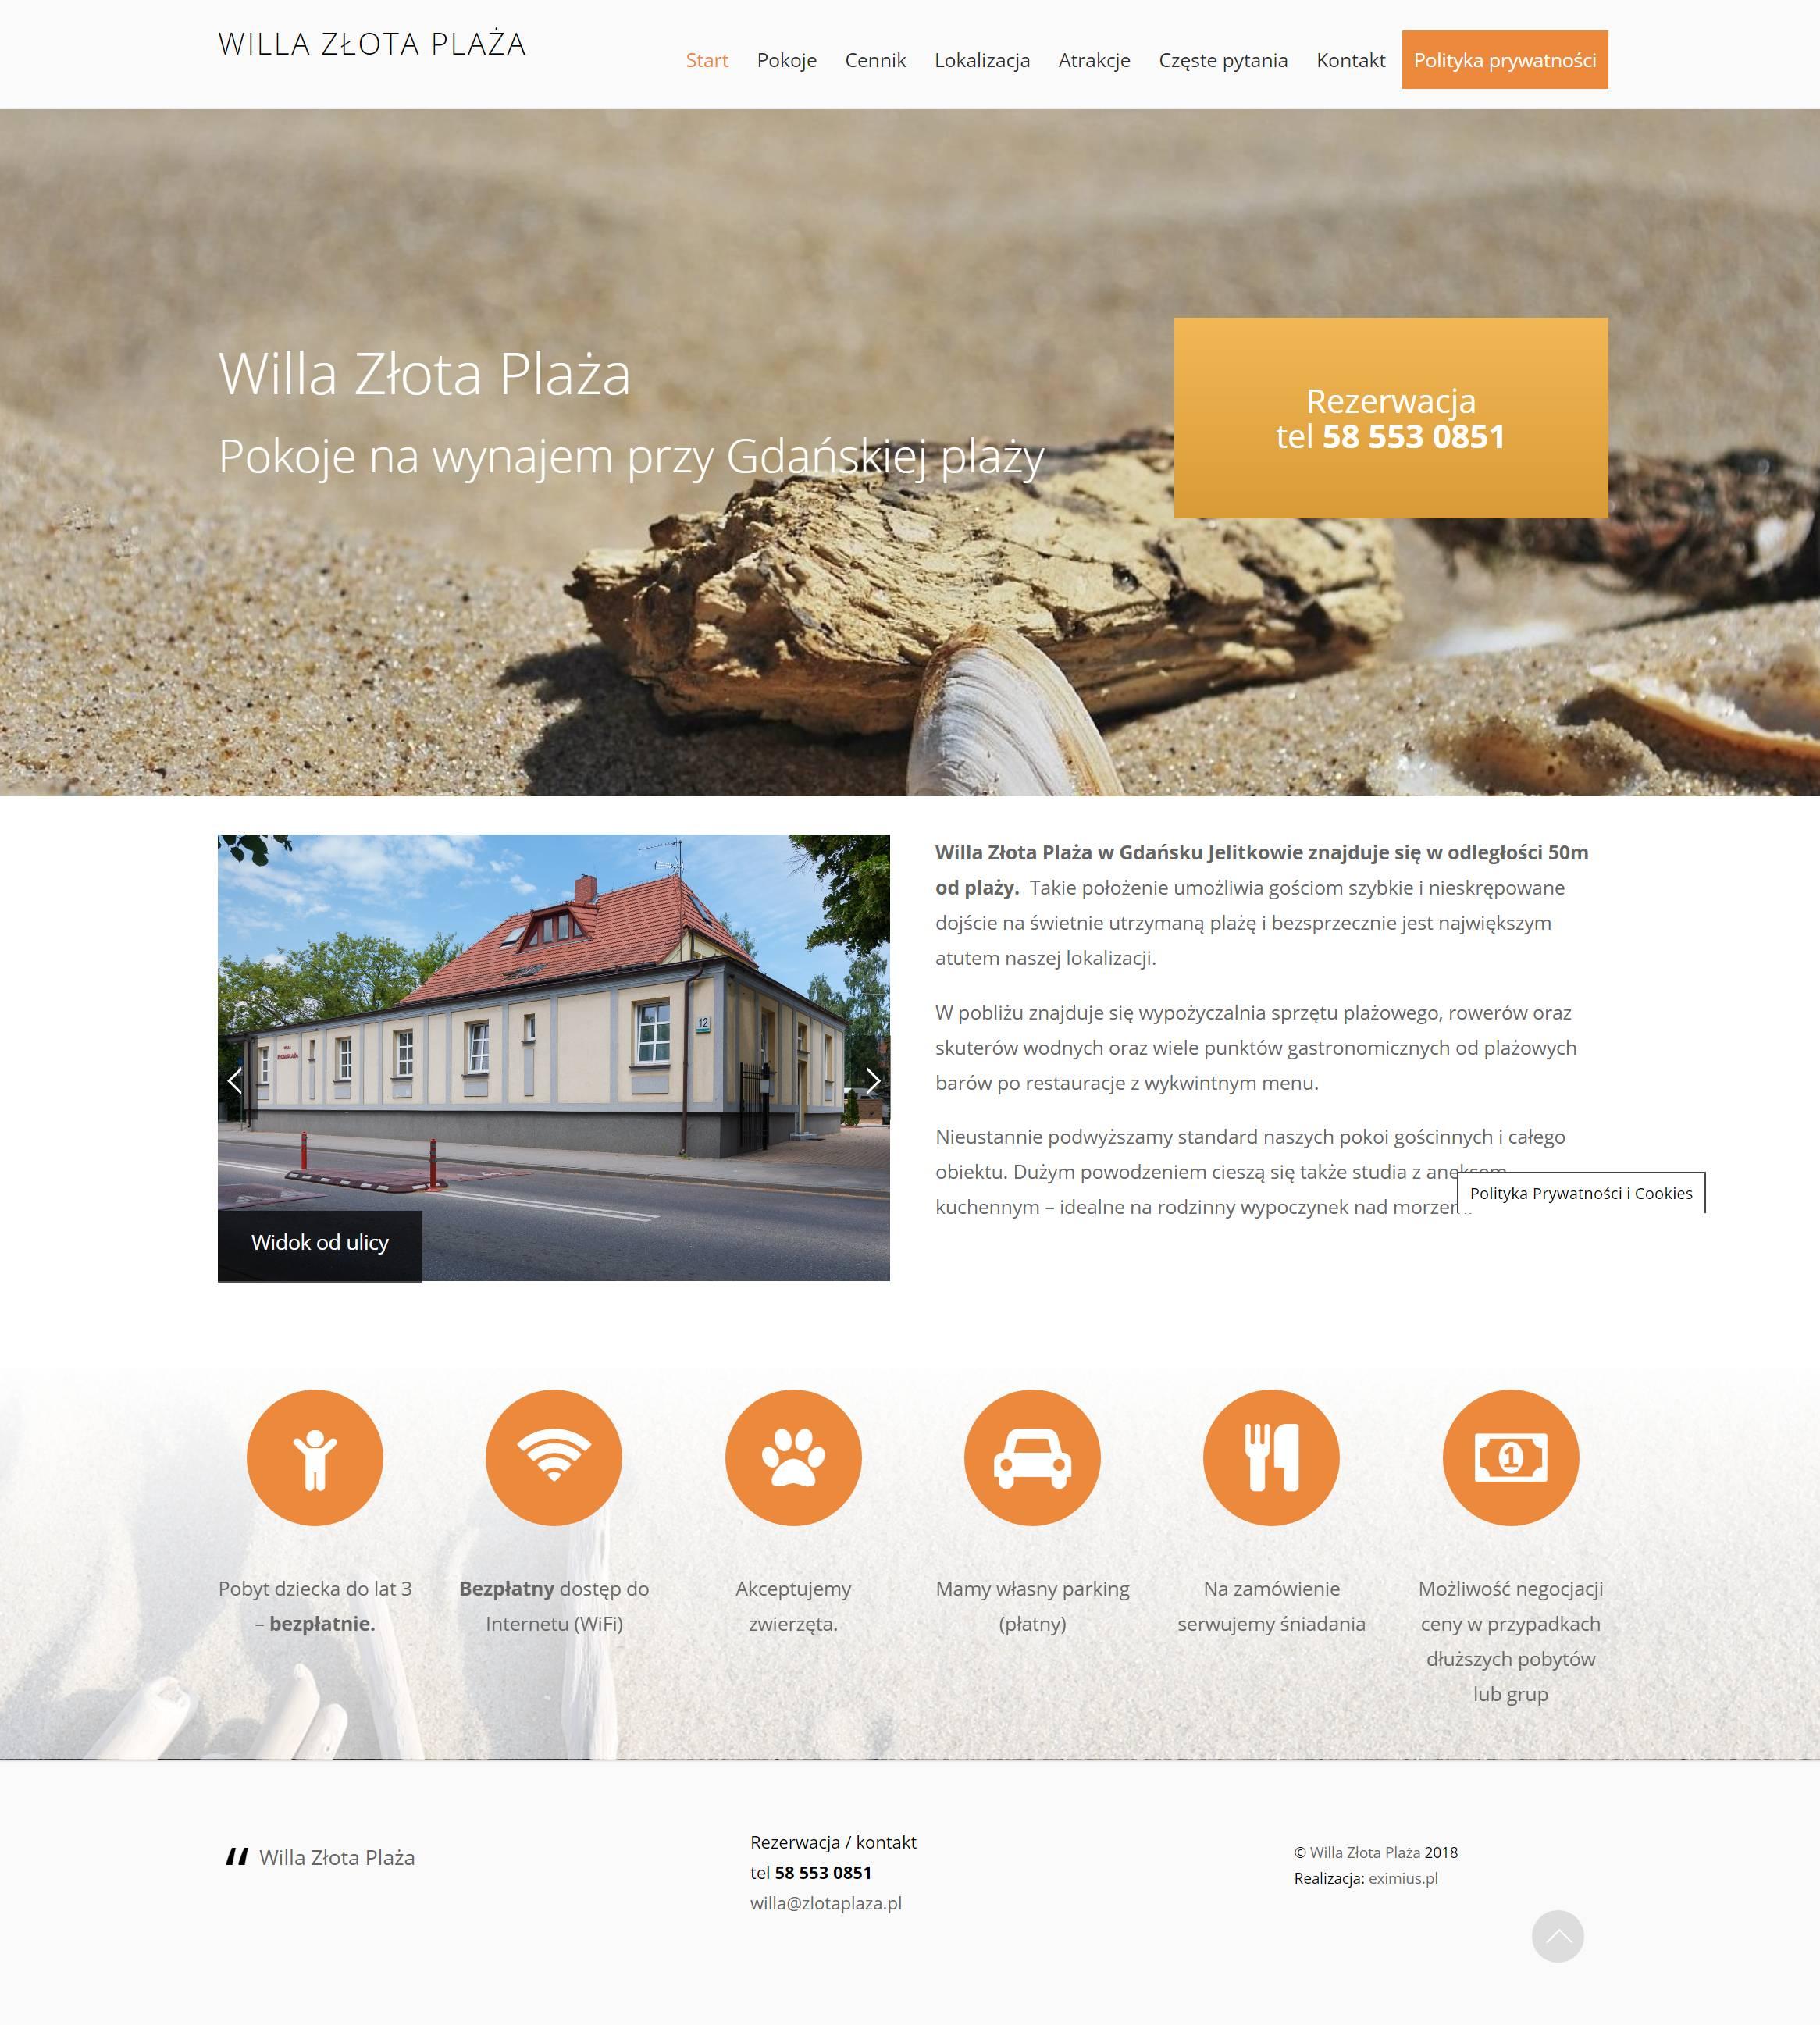 projektowanie-budowa-stron-internetowych-wordpress-responsywne-strony-www_pensjonat-willa